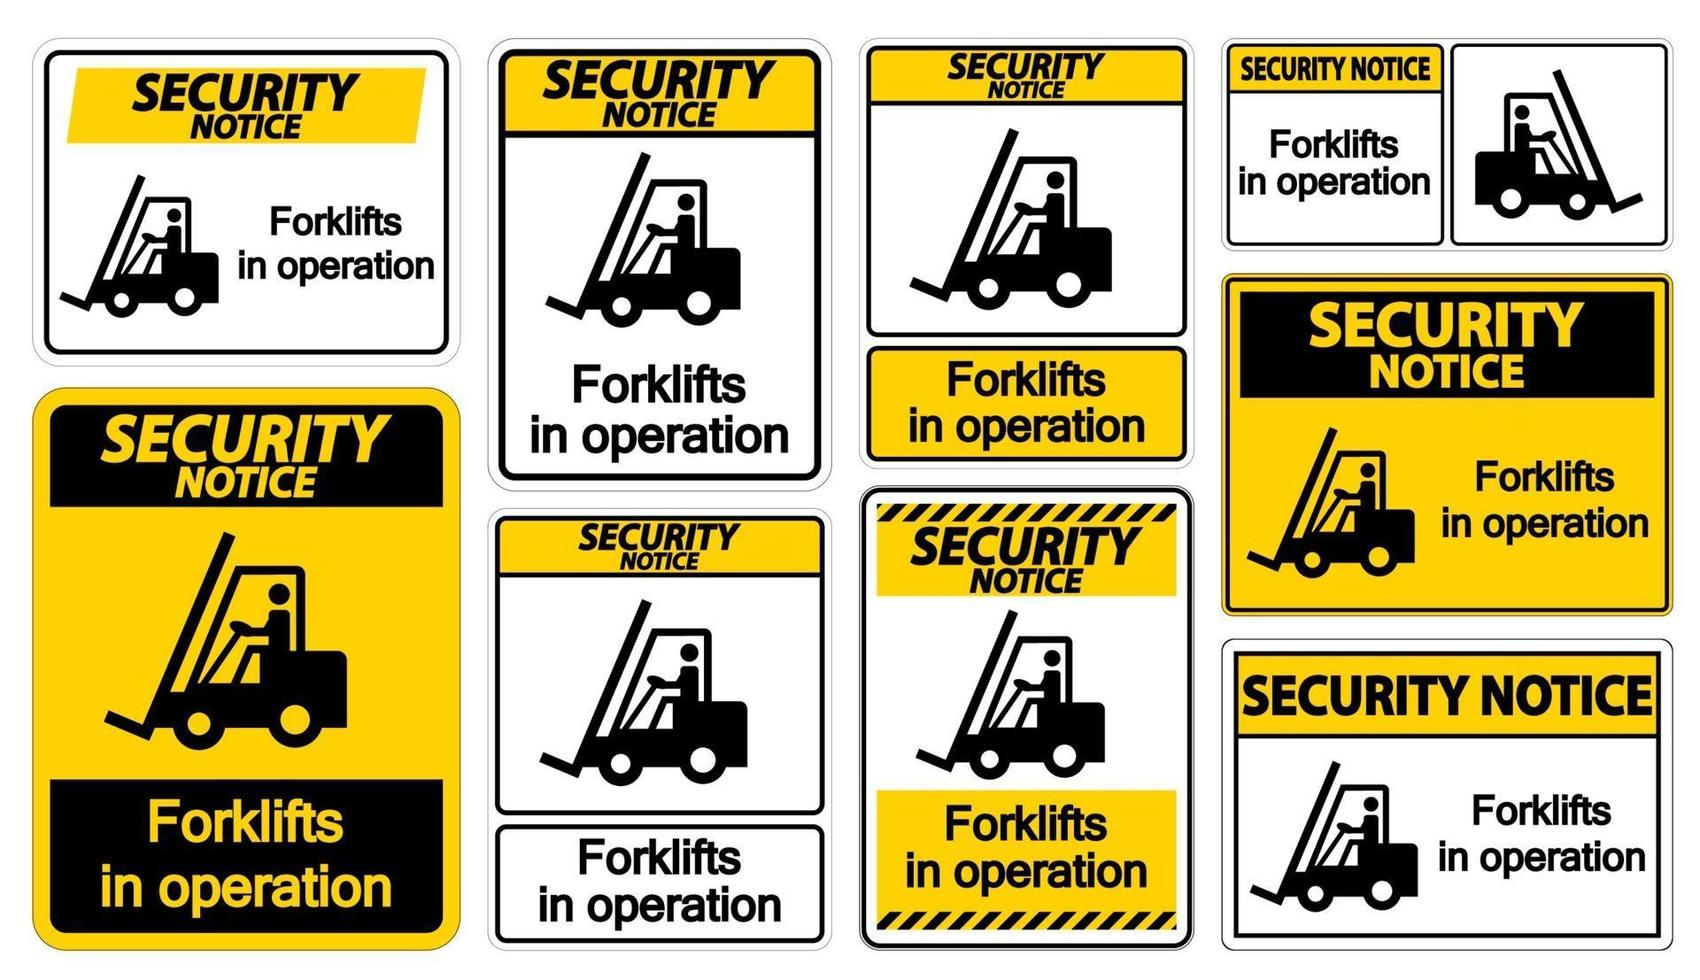 aviso de segurança empilhadeiras em sinal de símbolo de operação isolado em fundo transparente, ilustração vetorial vetor